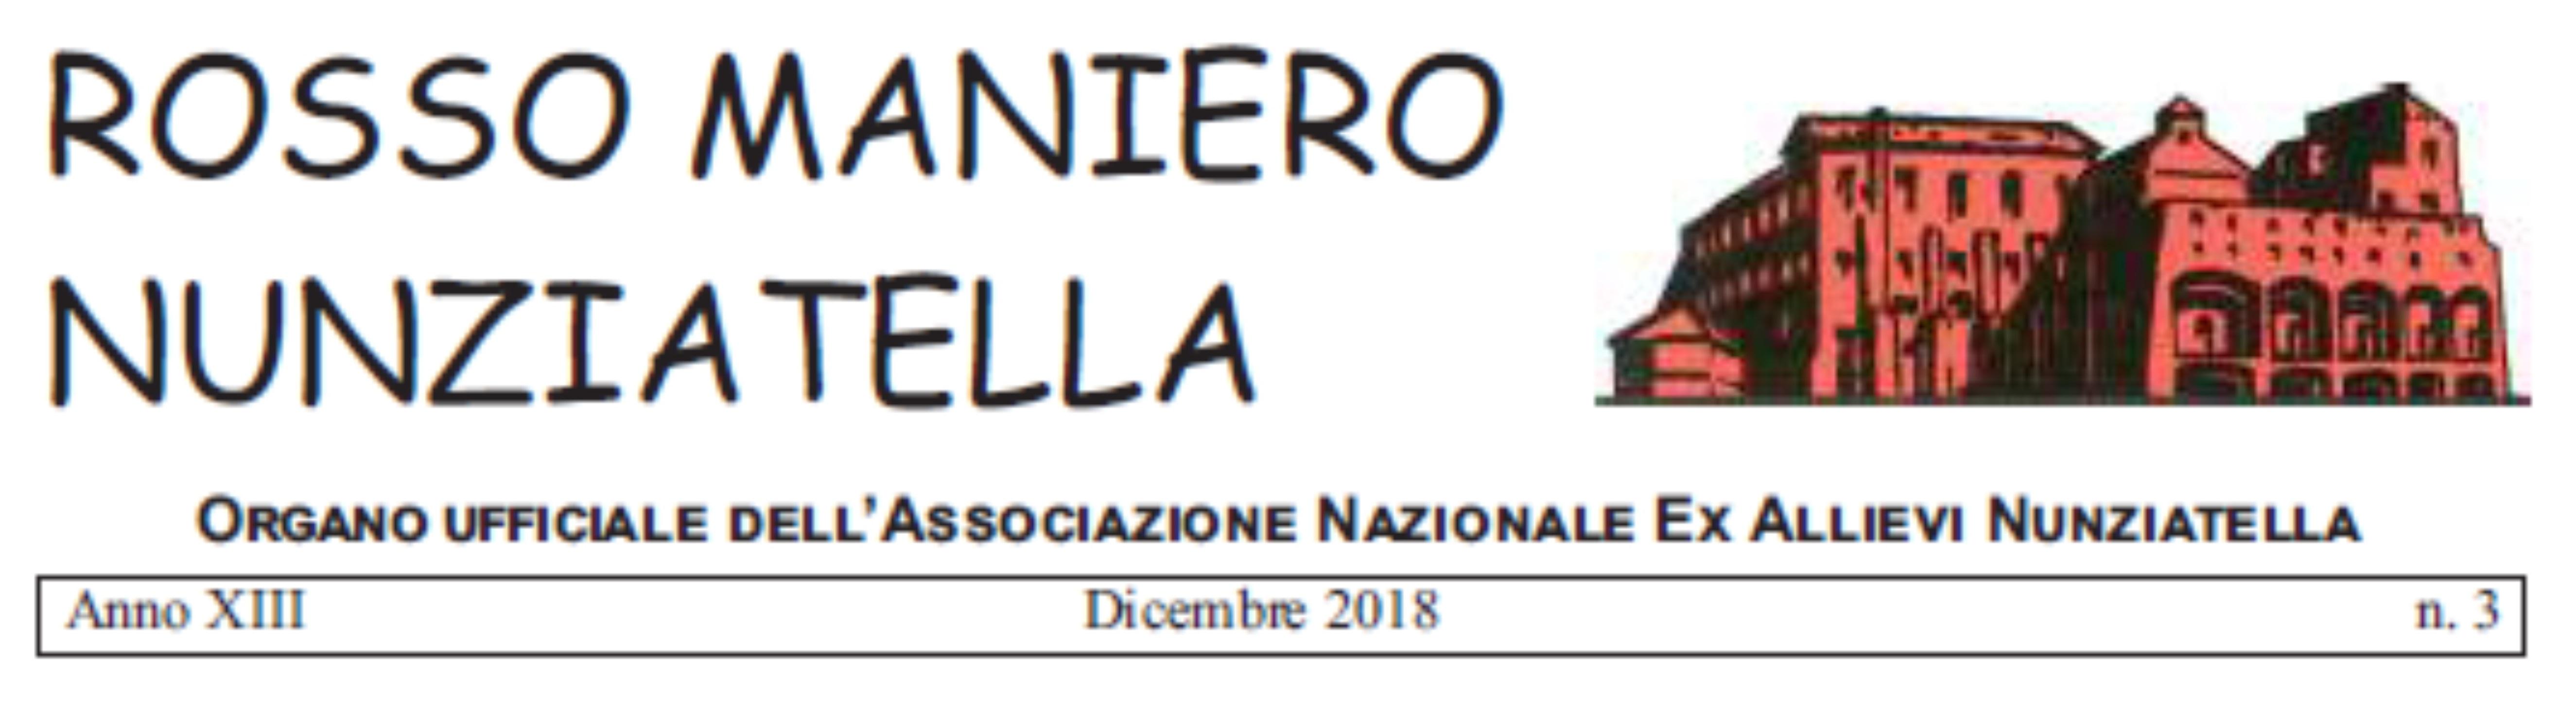 """Pubblicato il """"Rosso Maniero"""" del mese di dicembre"""